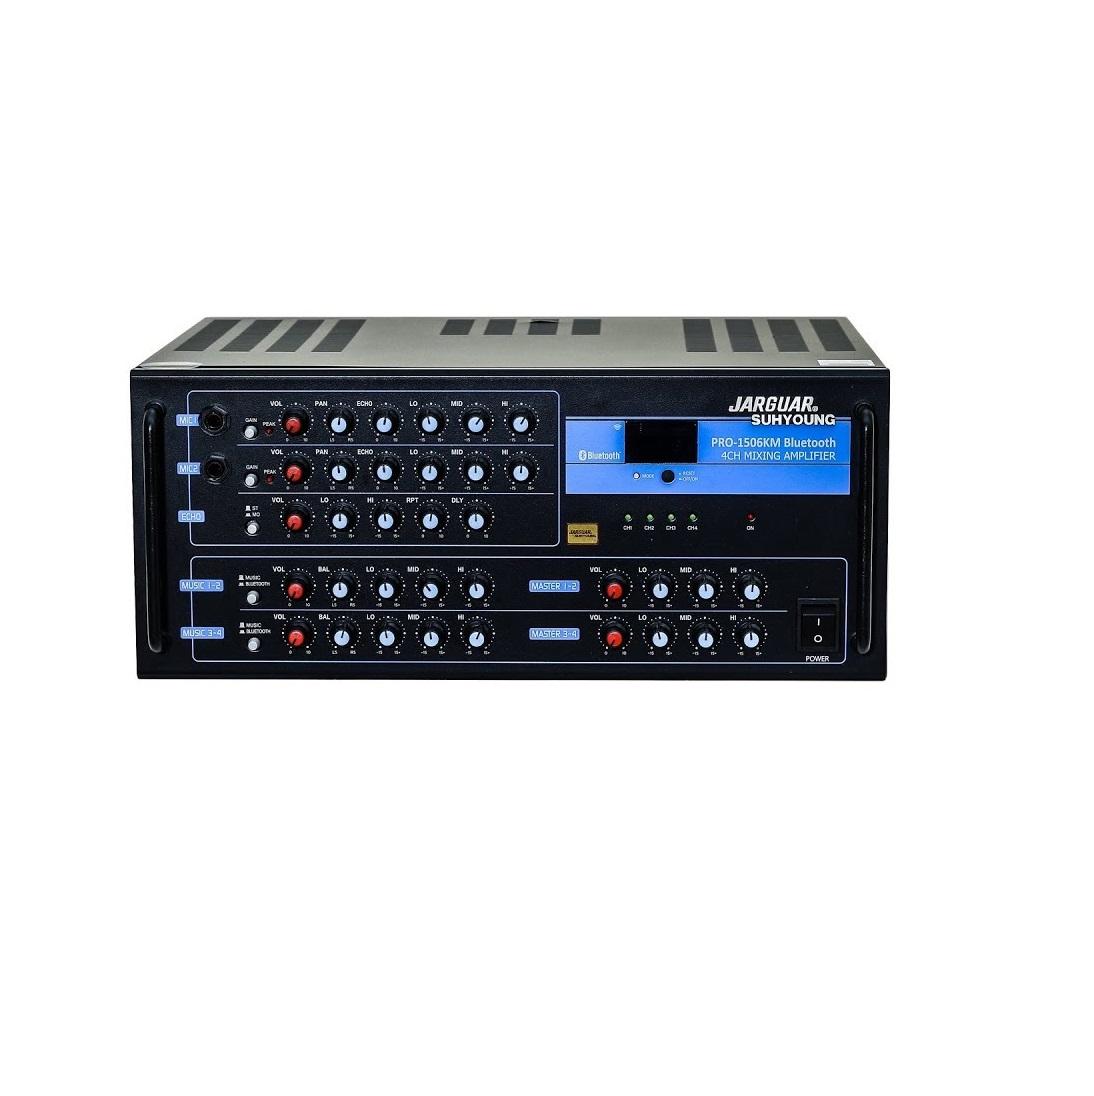 Amply Jarguar Suhyoung pro 1506km Bluetooth - Hàng Chính Hãng